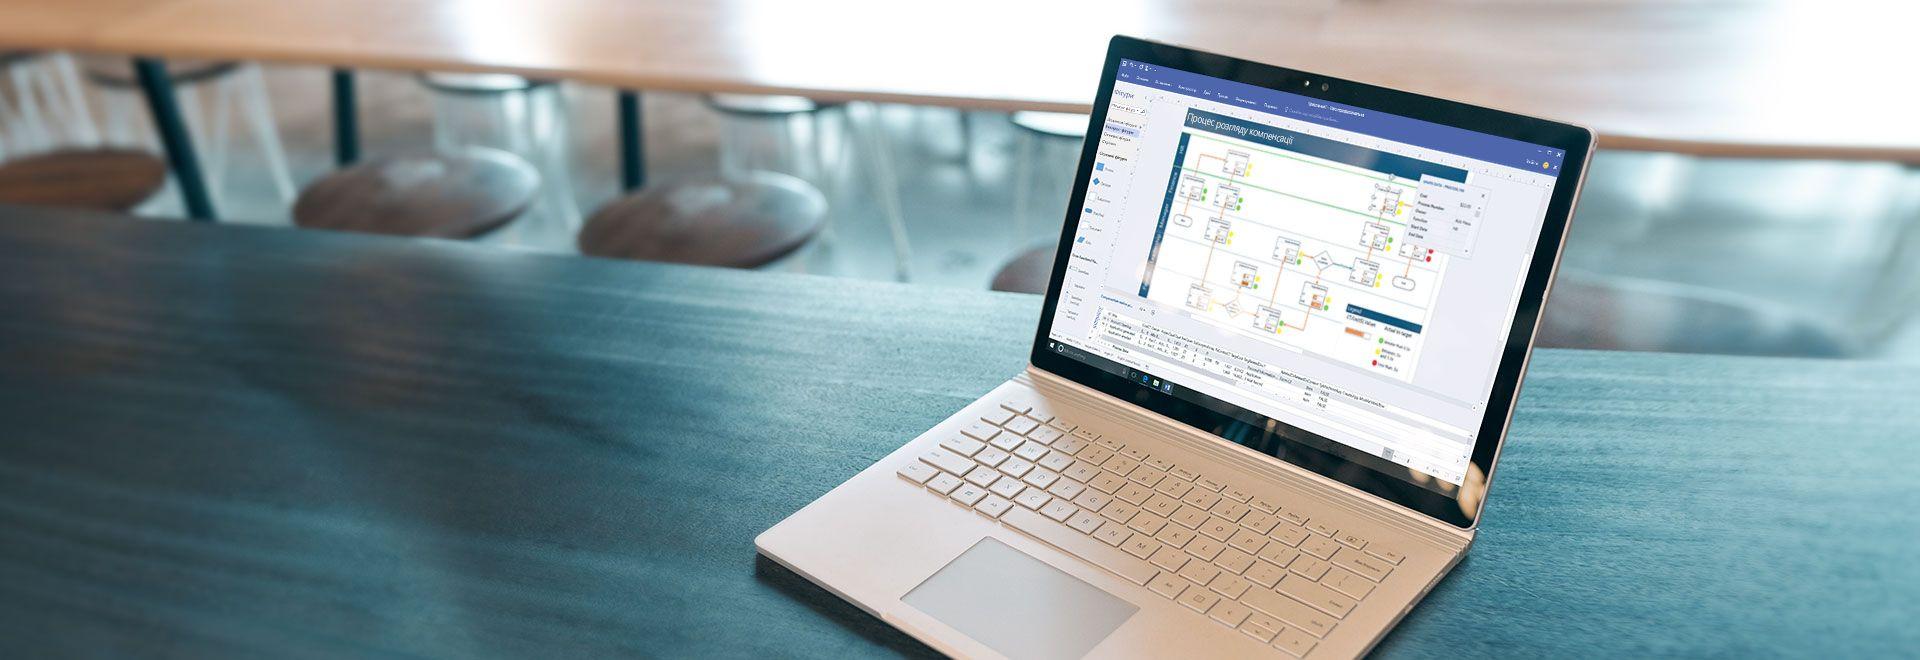 """Ноутбук із діаграмою робочого циклу процесу у """"Visio Pro для Office 365"""""""